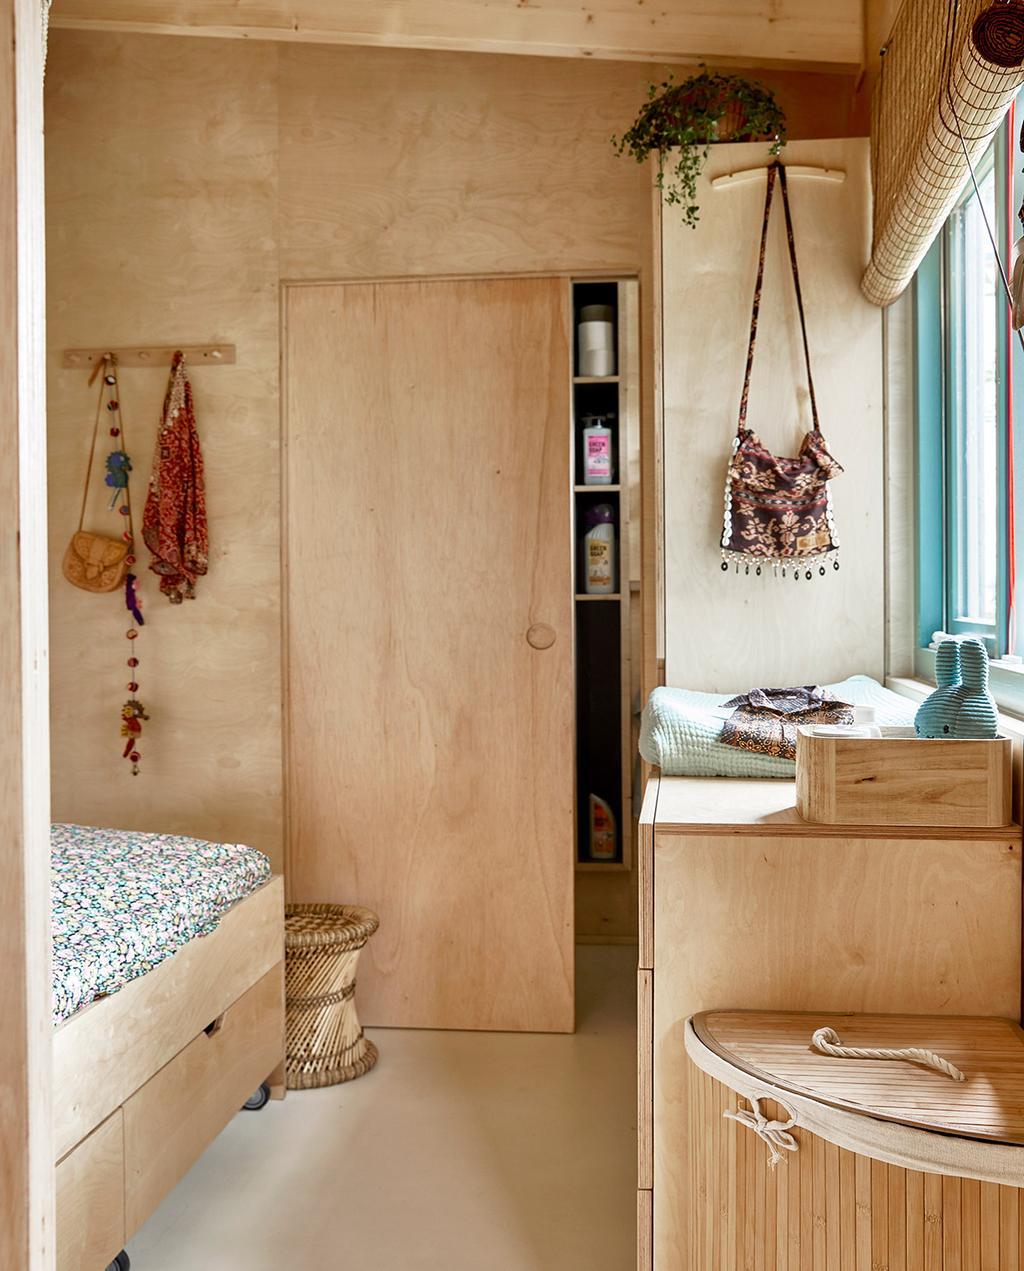 vtwonen binnenkijken special tiny houses | slaapkamer met commode en kast